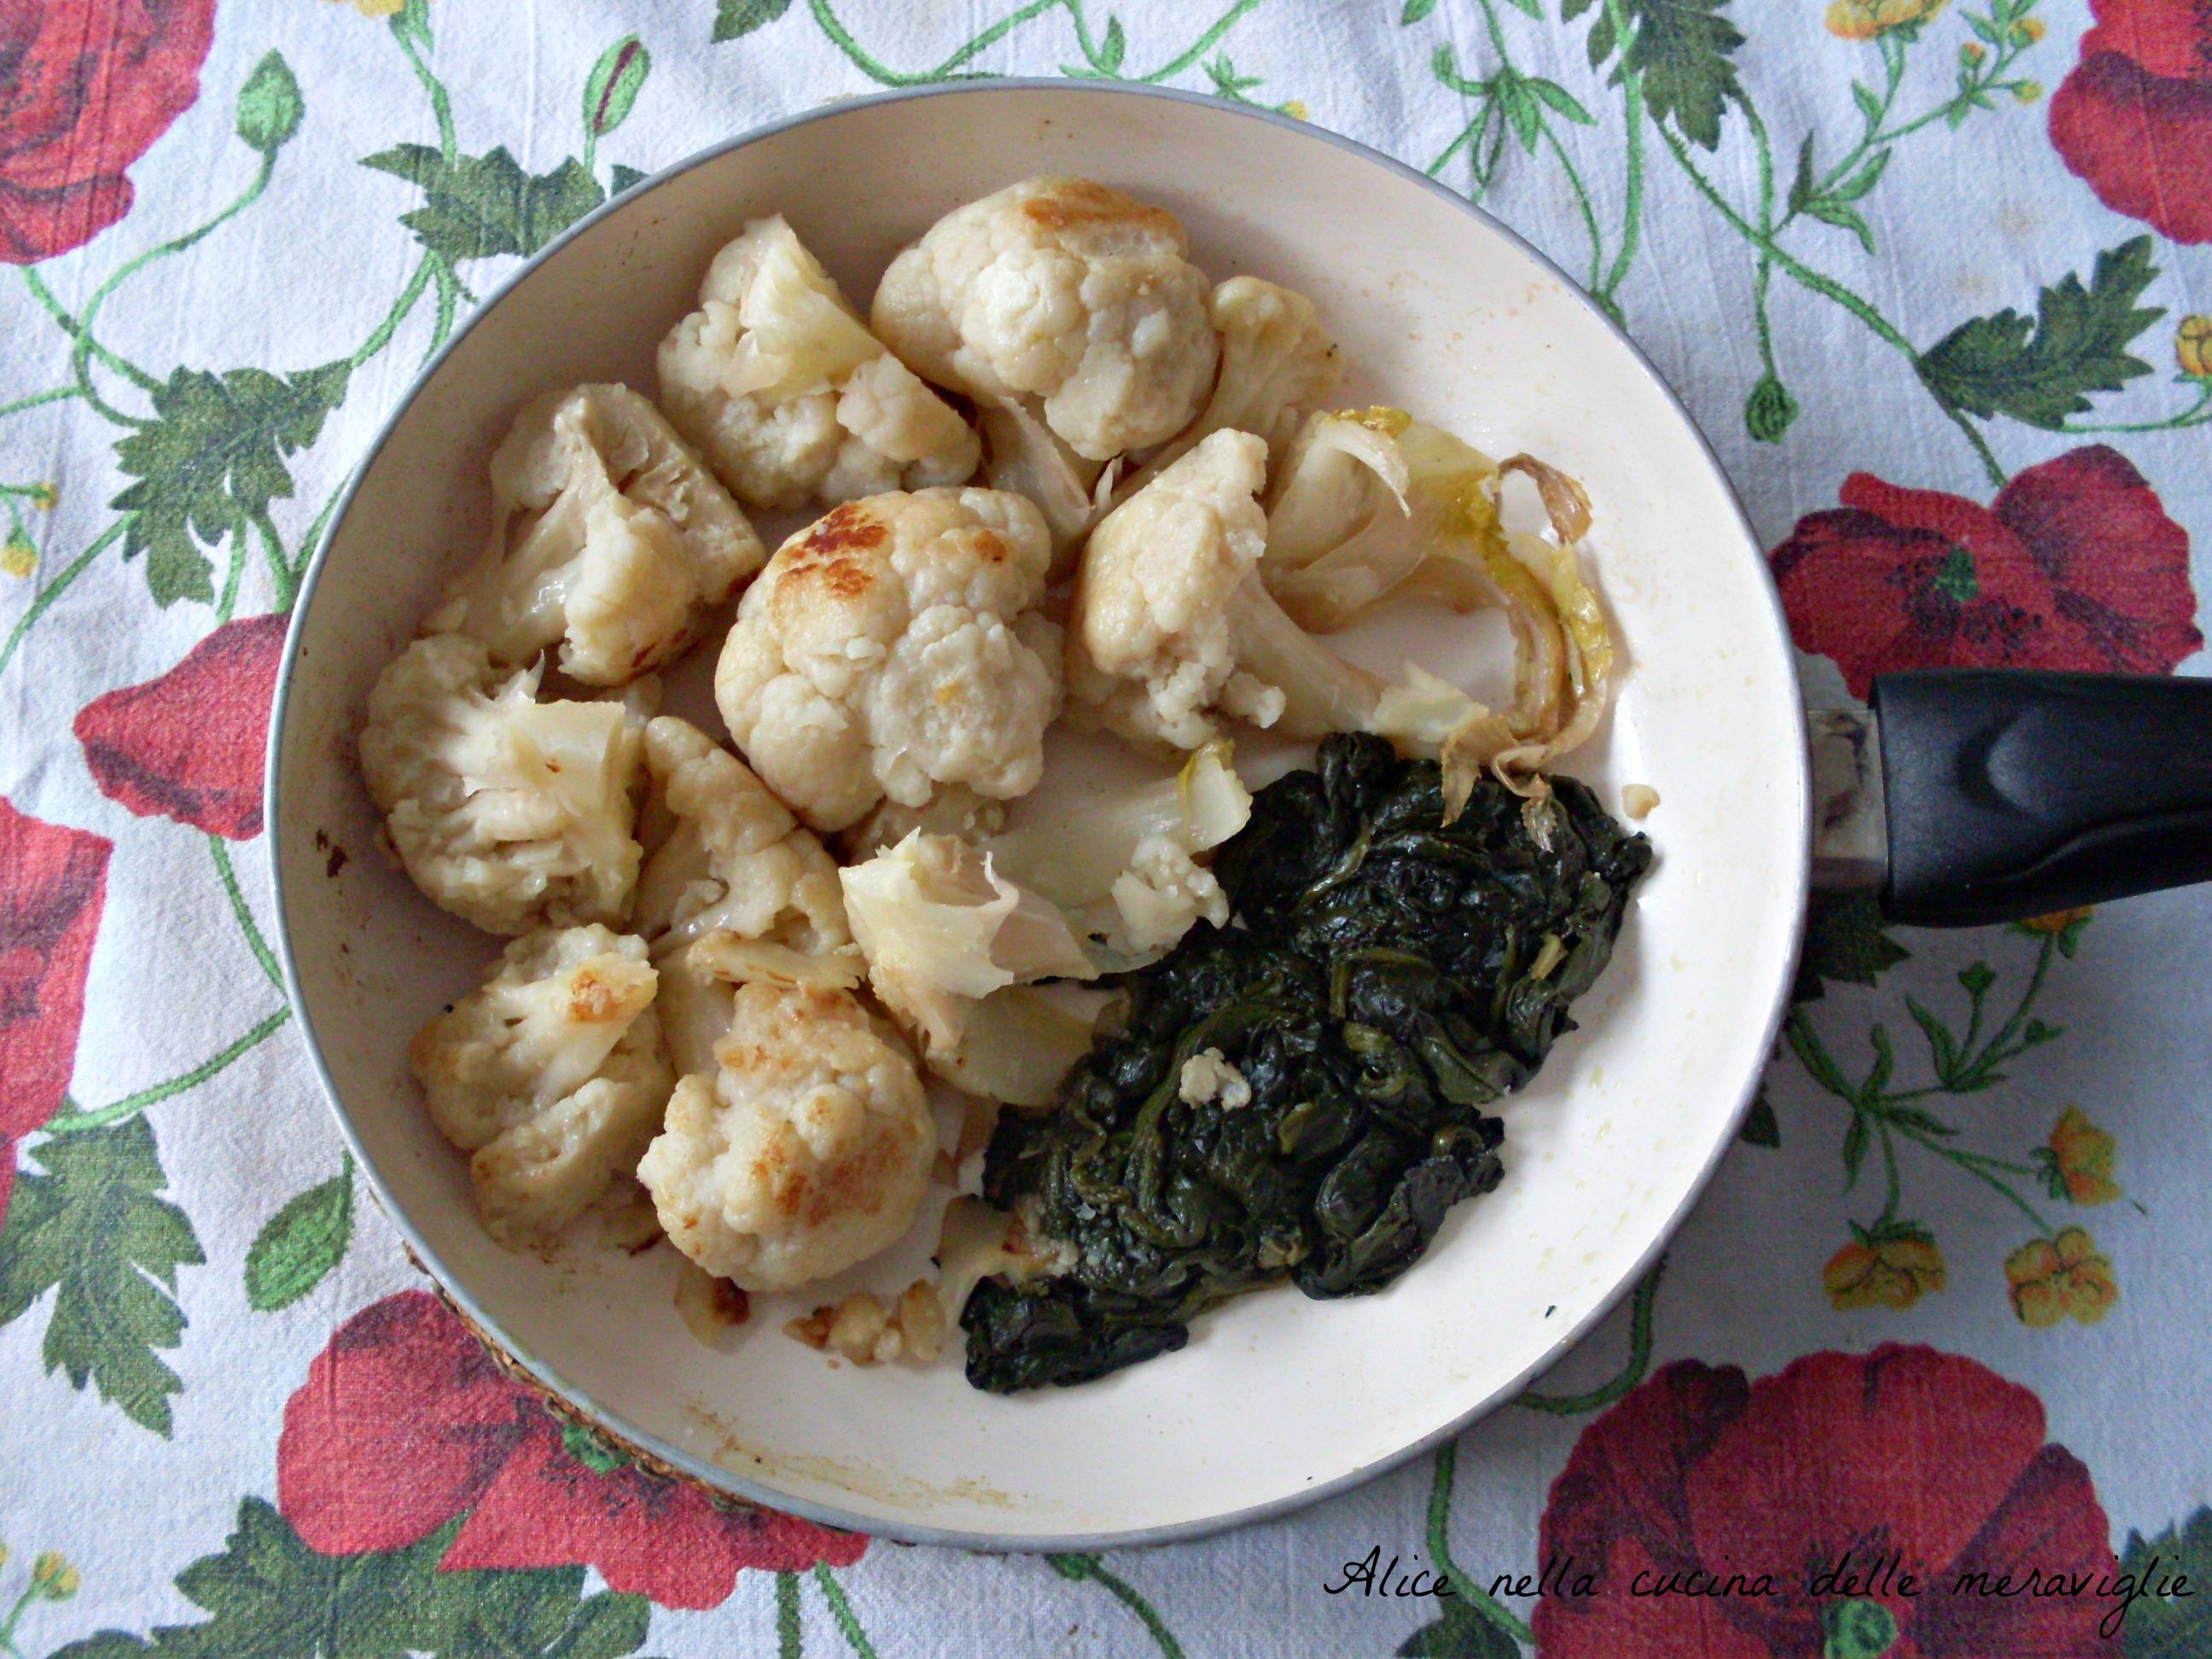 Cavolfiore e spinaci in padella Ricetta contorno vegetariano Alice nella cucina delle meraviglie